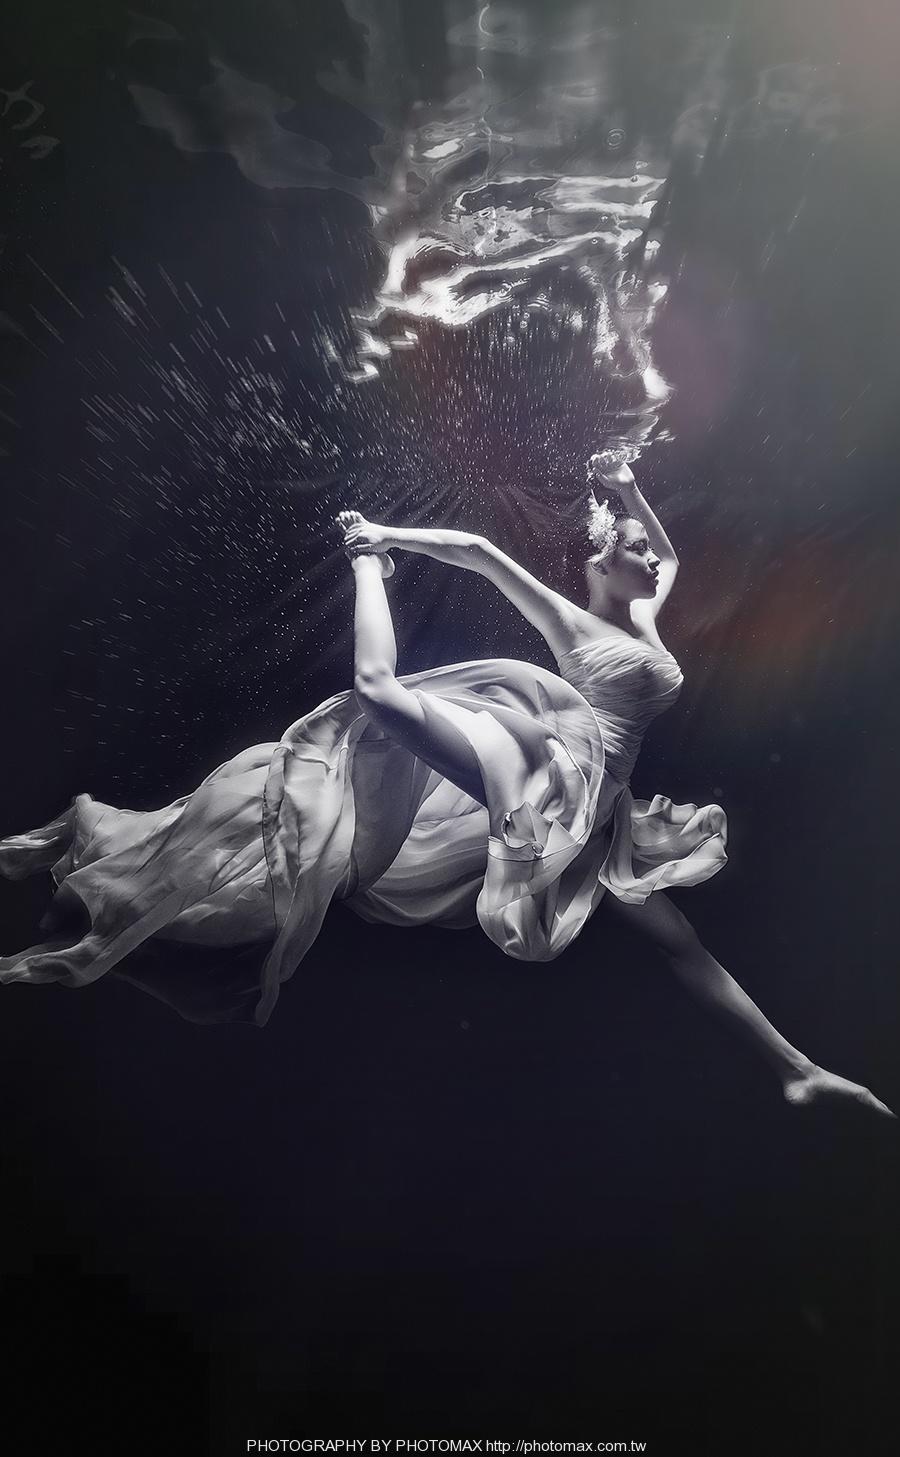 水下婚纱摄影 老麦摄影 创意婚纱摄影 (1)